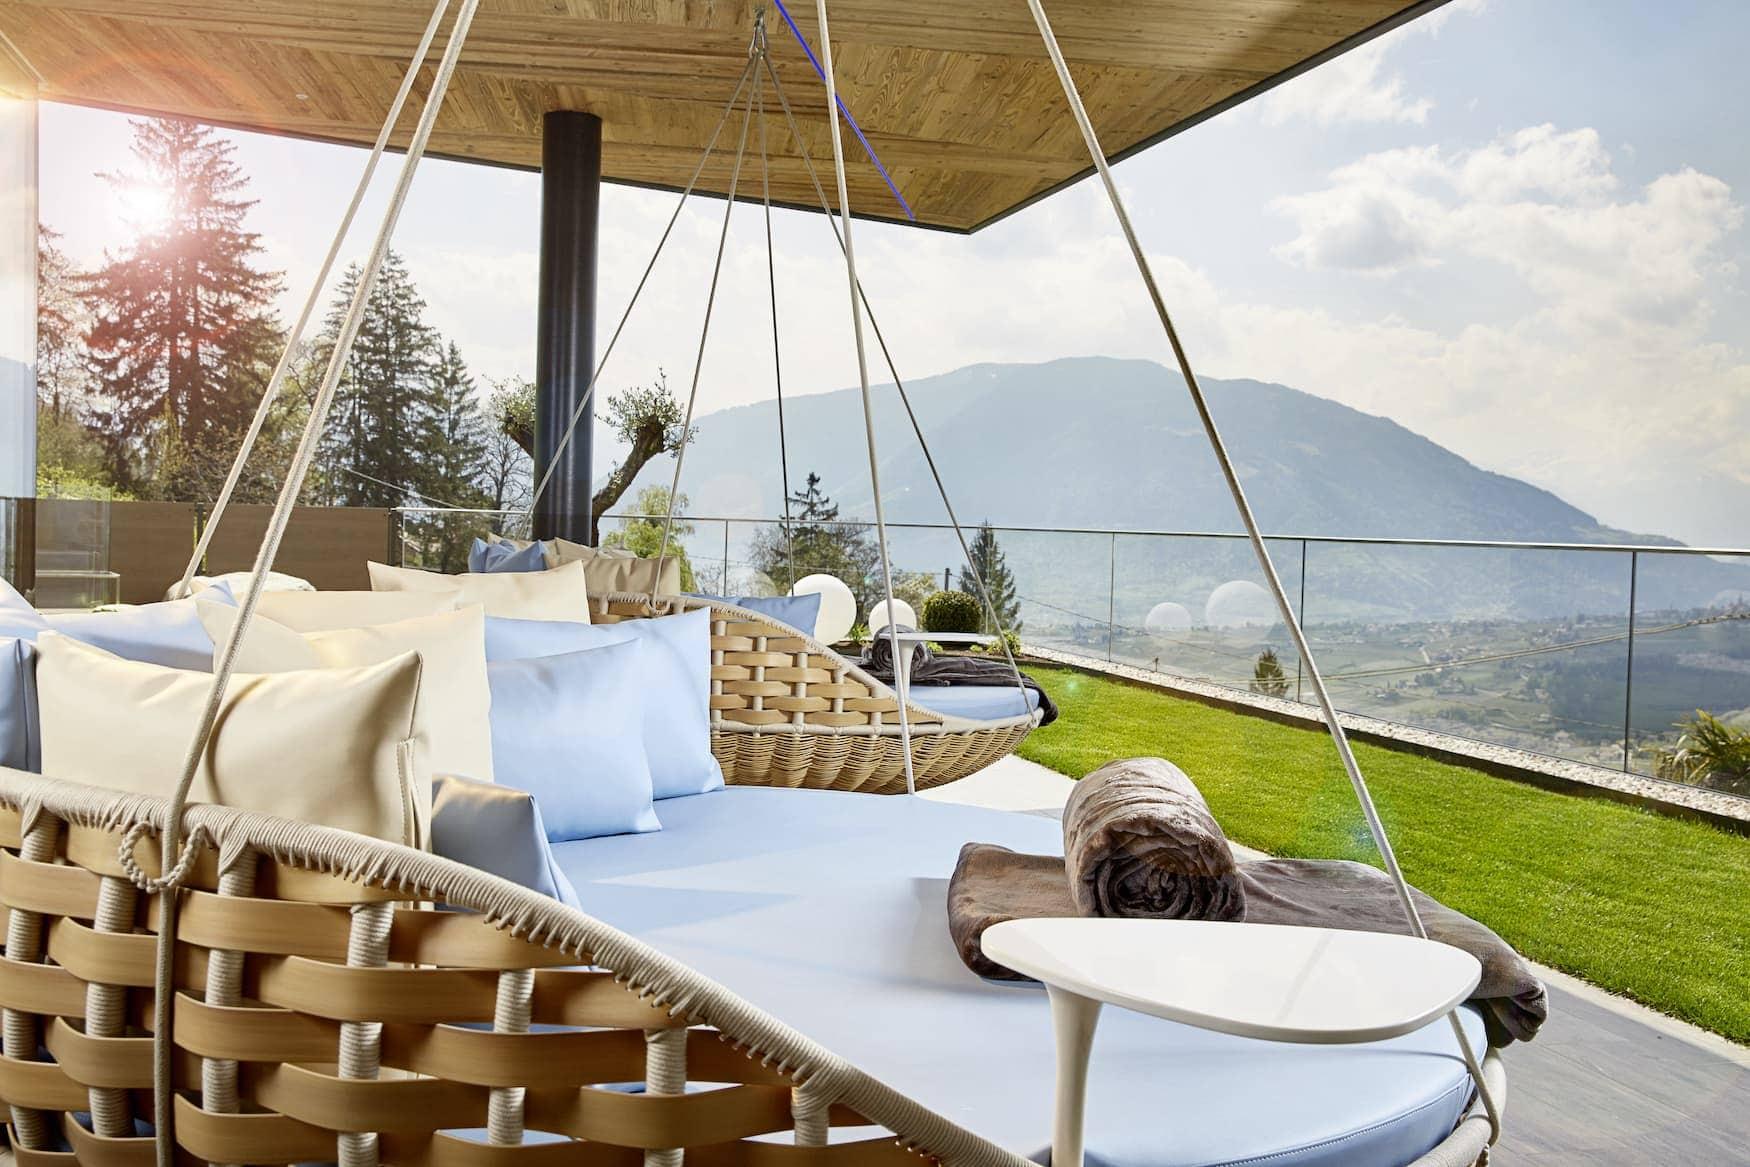 Gemütliche Liegen auf der Terrasse eines Spa-Hotels in Südtirol